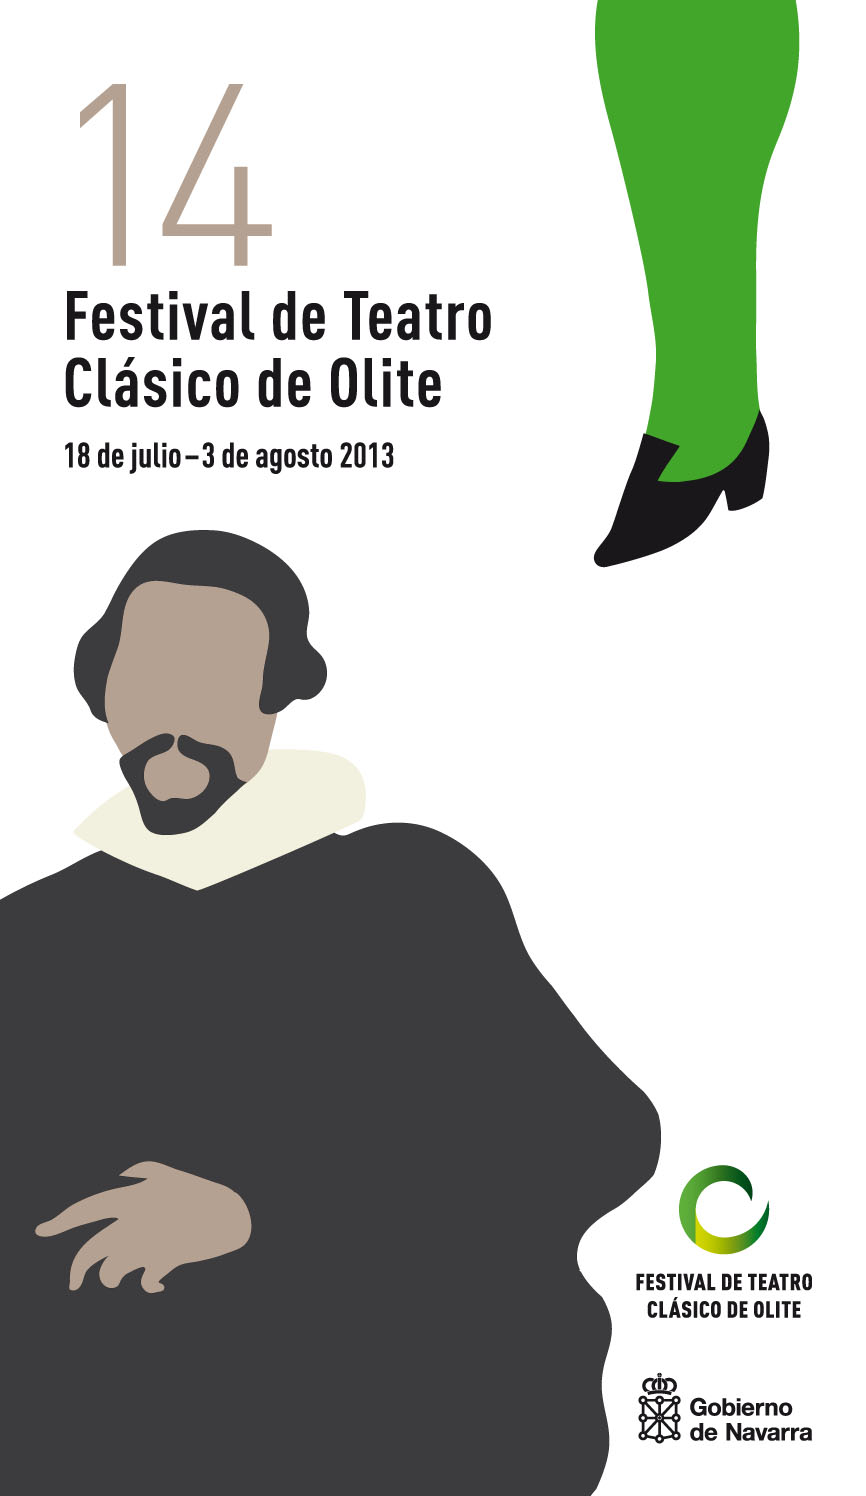 festival de teatro clasico de olite 2013